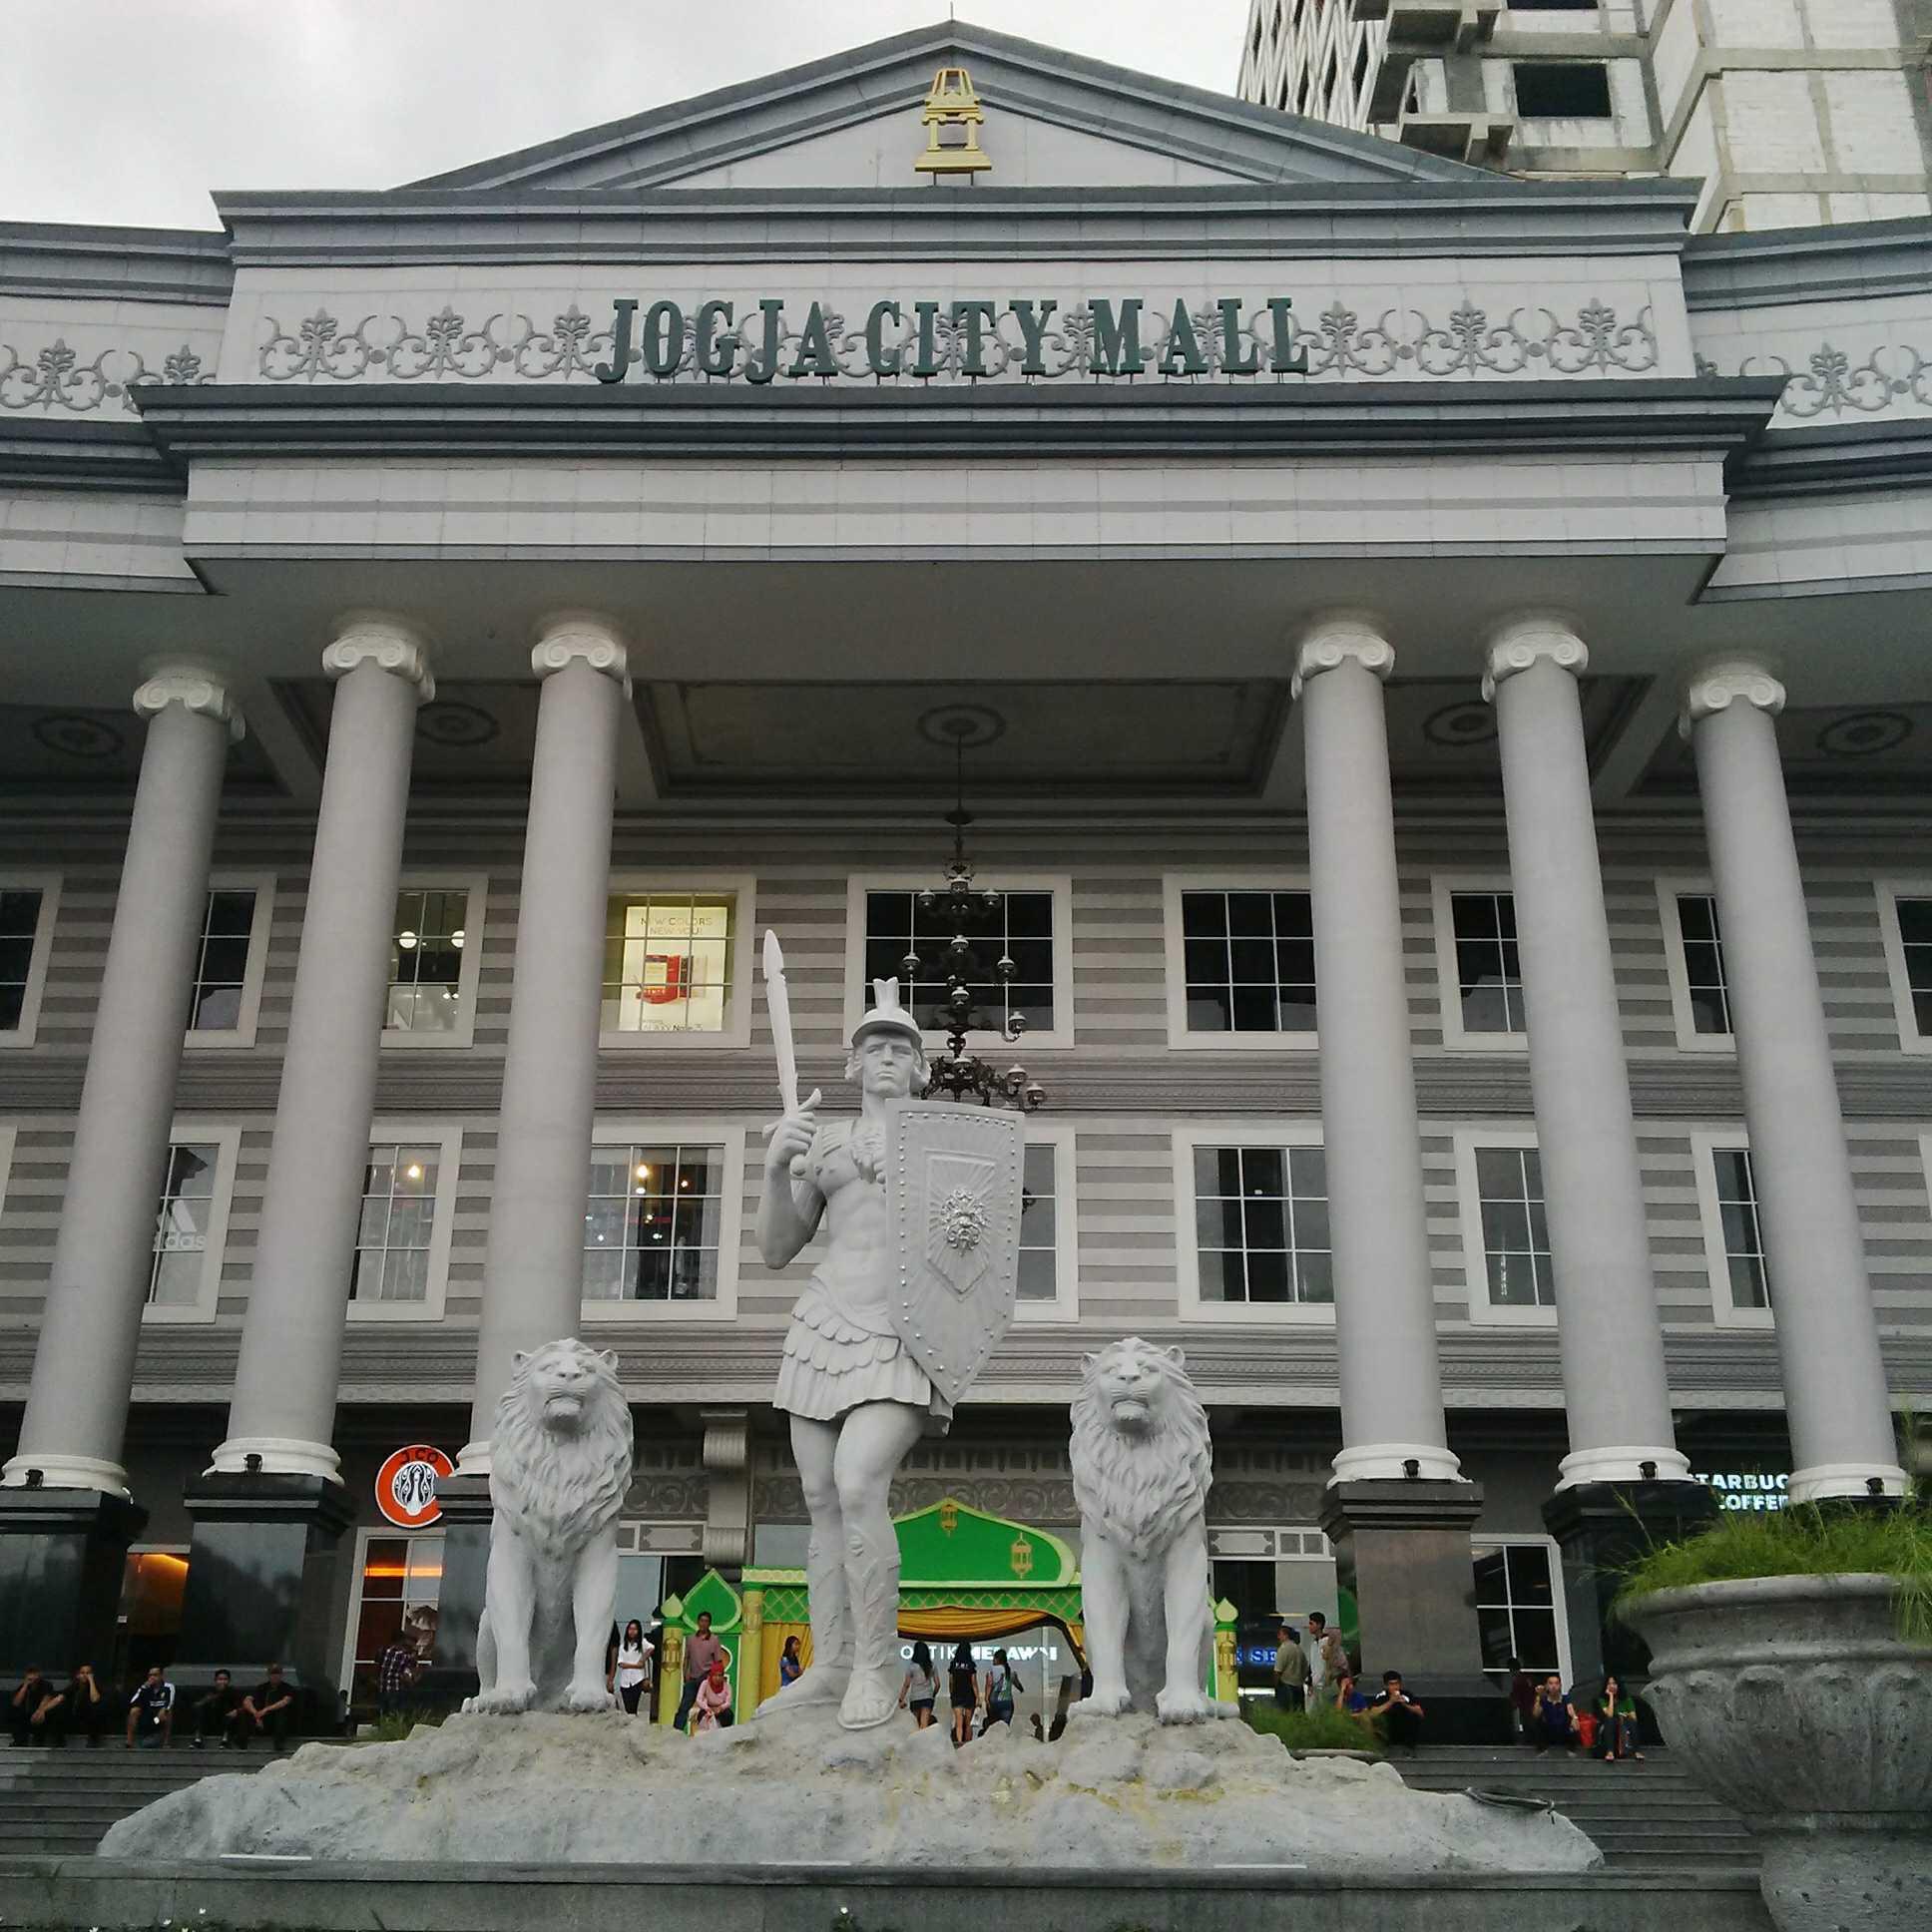 Jogja City Mall Kebanggan Baru